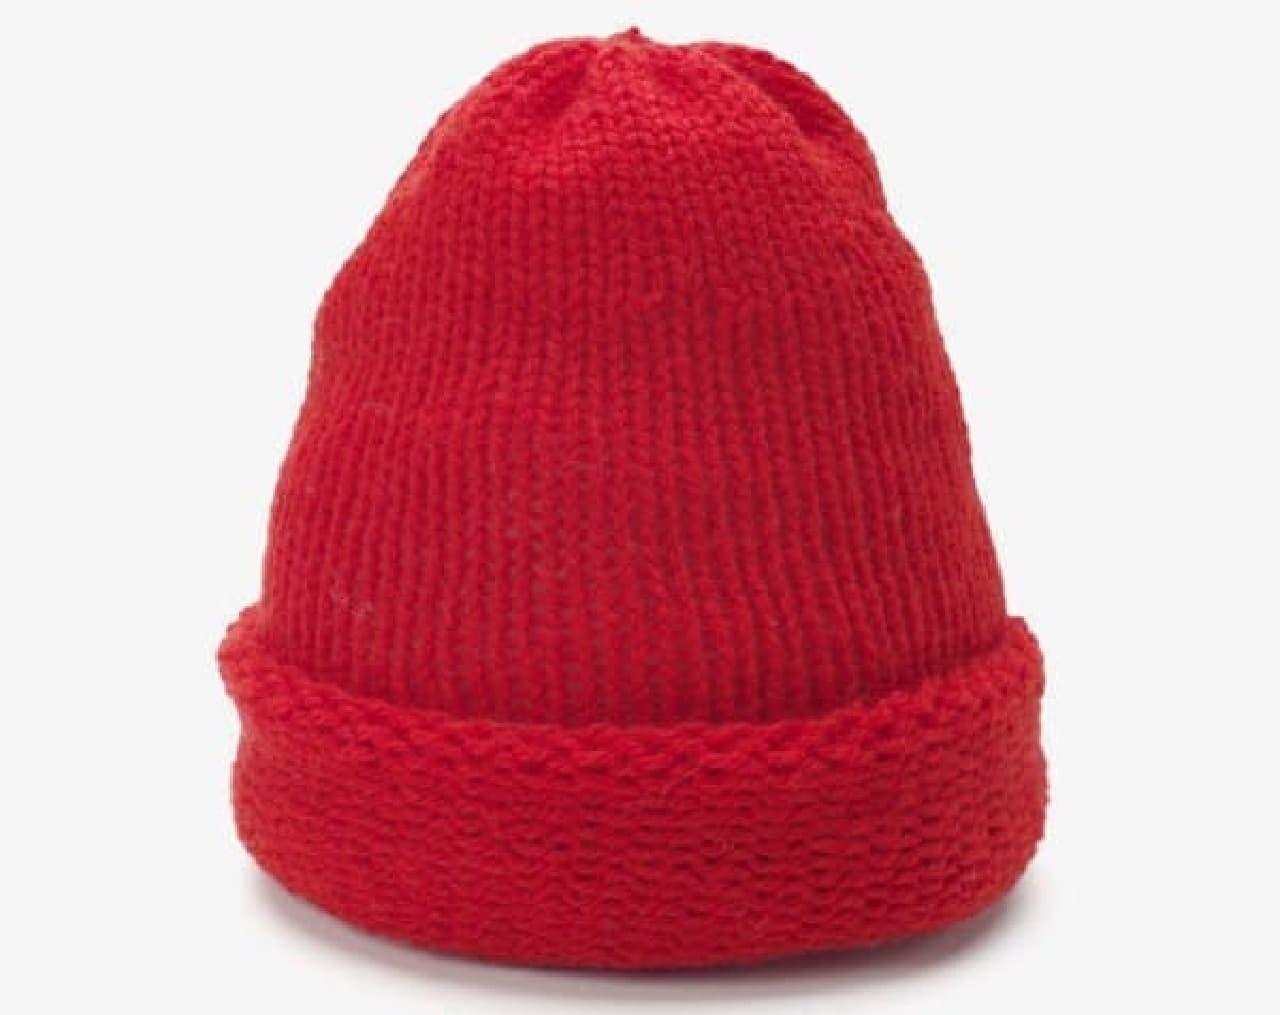 完成したニット帽の例  ちょっと、薄手です